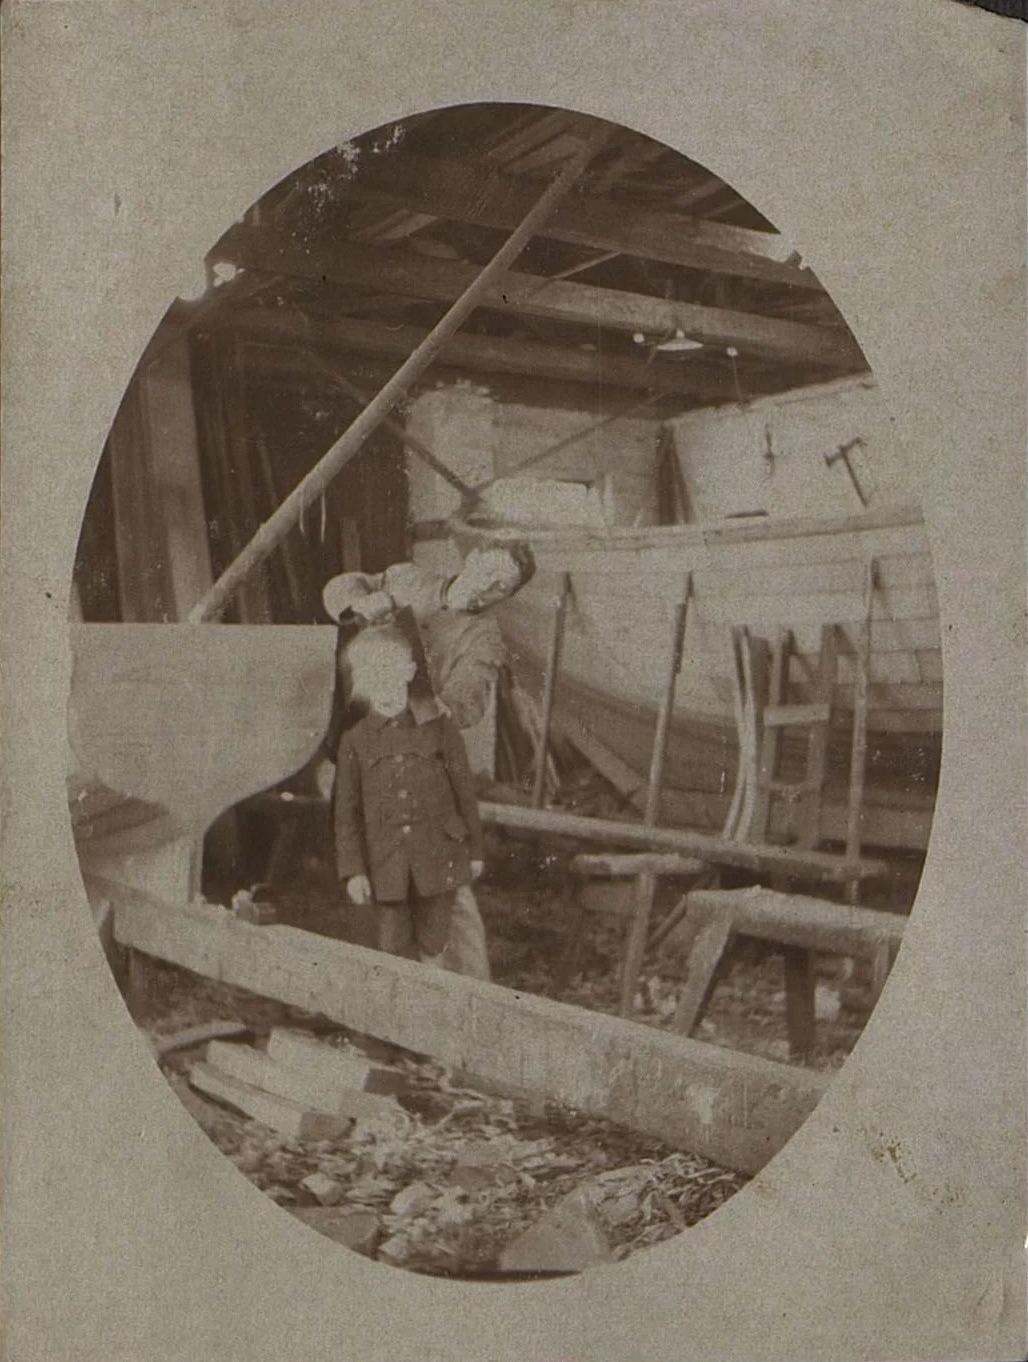 Мужчина и мальчик в помещении, где строят лодки